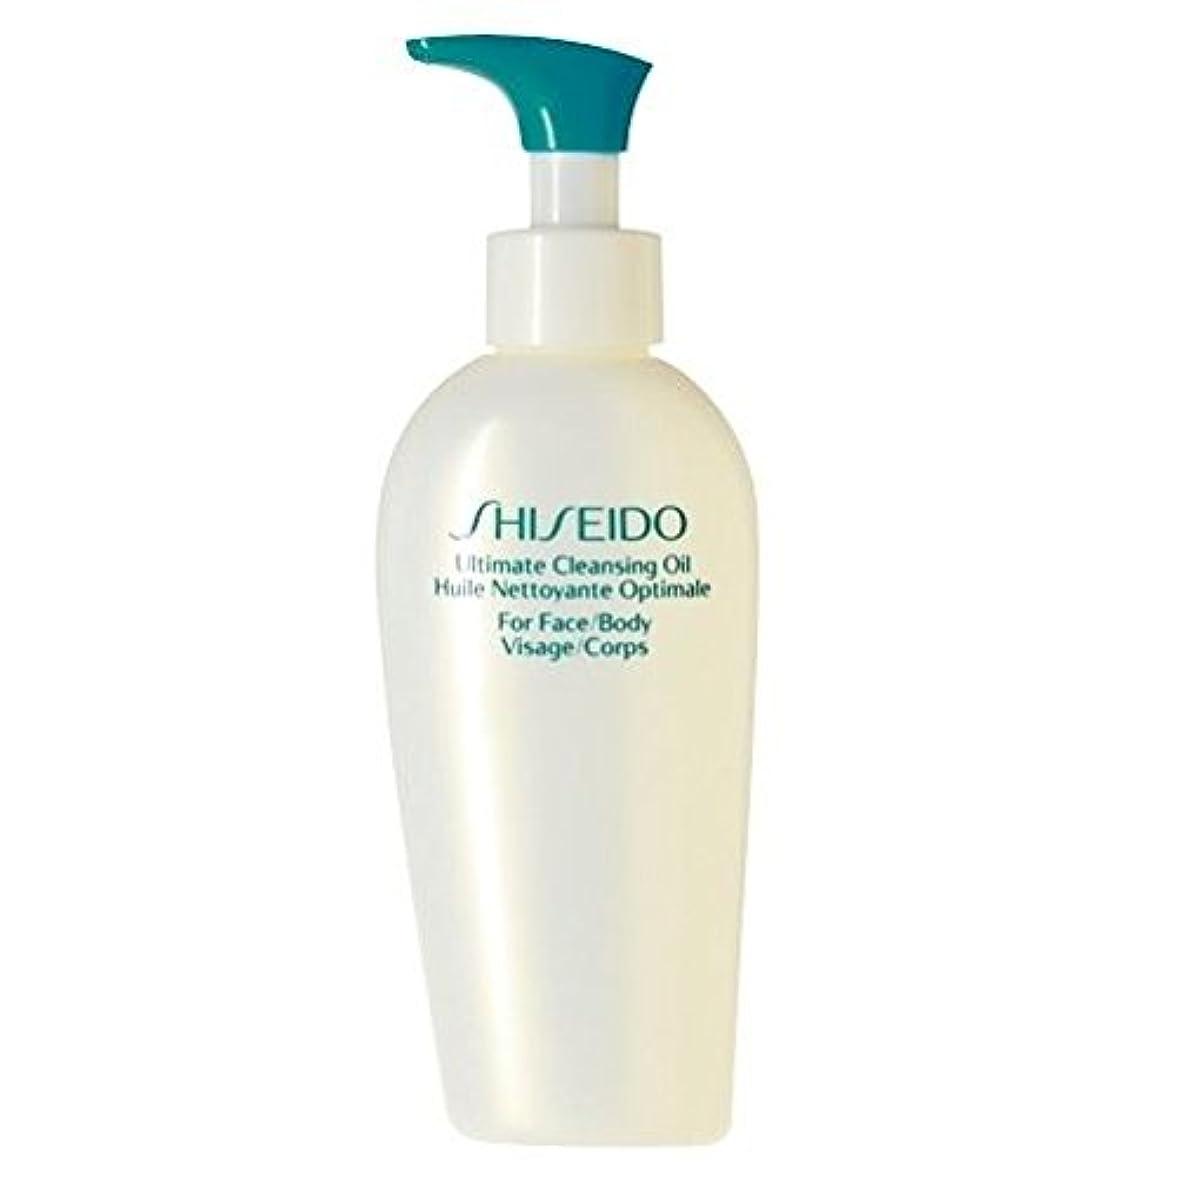 鷲音楽ために[Shiseido] 資生堂究極のクレンジングオイル、150ミリリットル - Shiseido Ultimate Cleansing Oil, 150ml [並行輸入品]